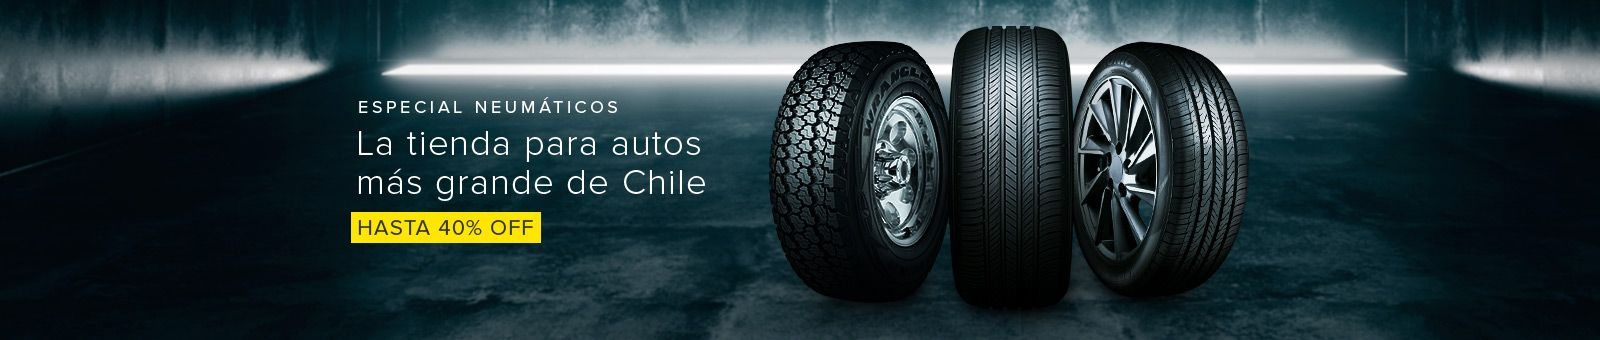 Especial Neumáticos